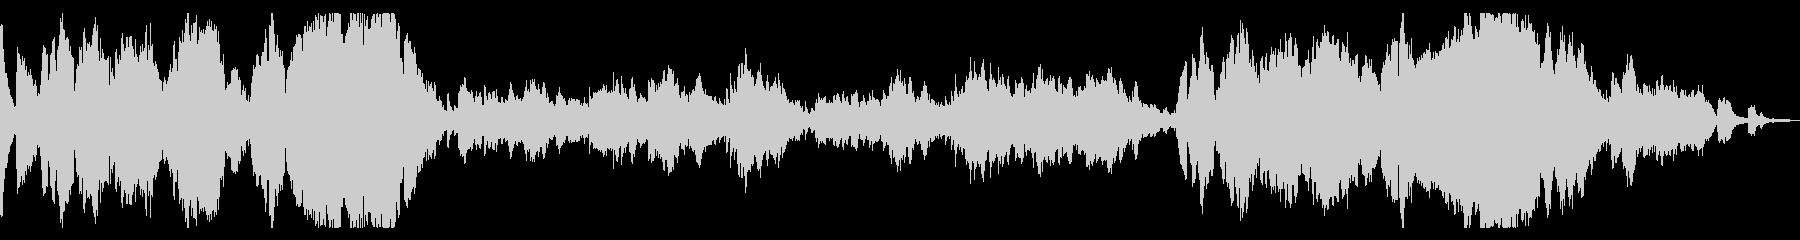 KANTショパン幻想即興曲の未再生の波形